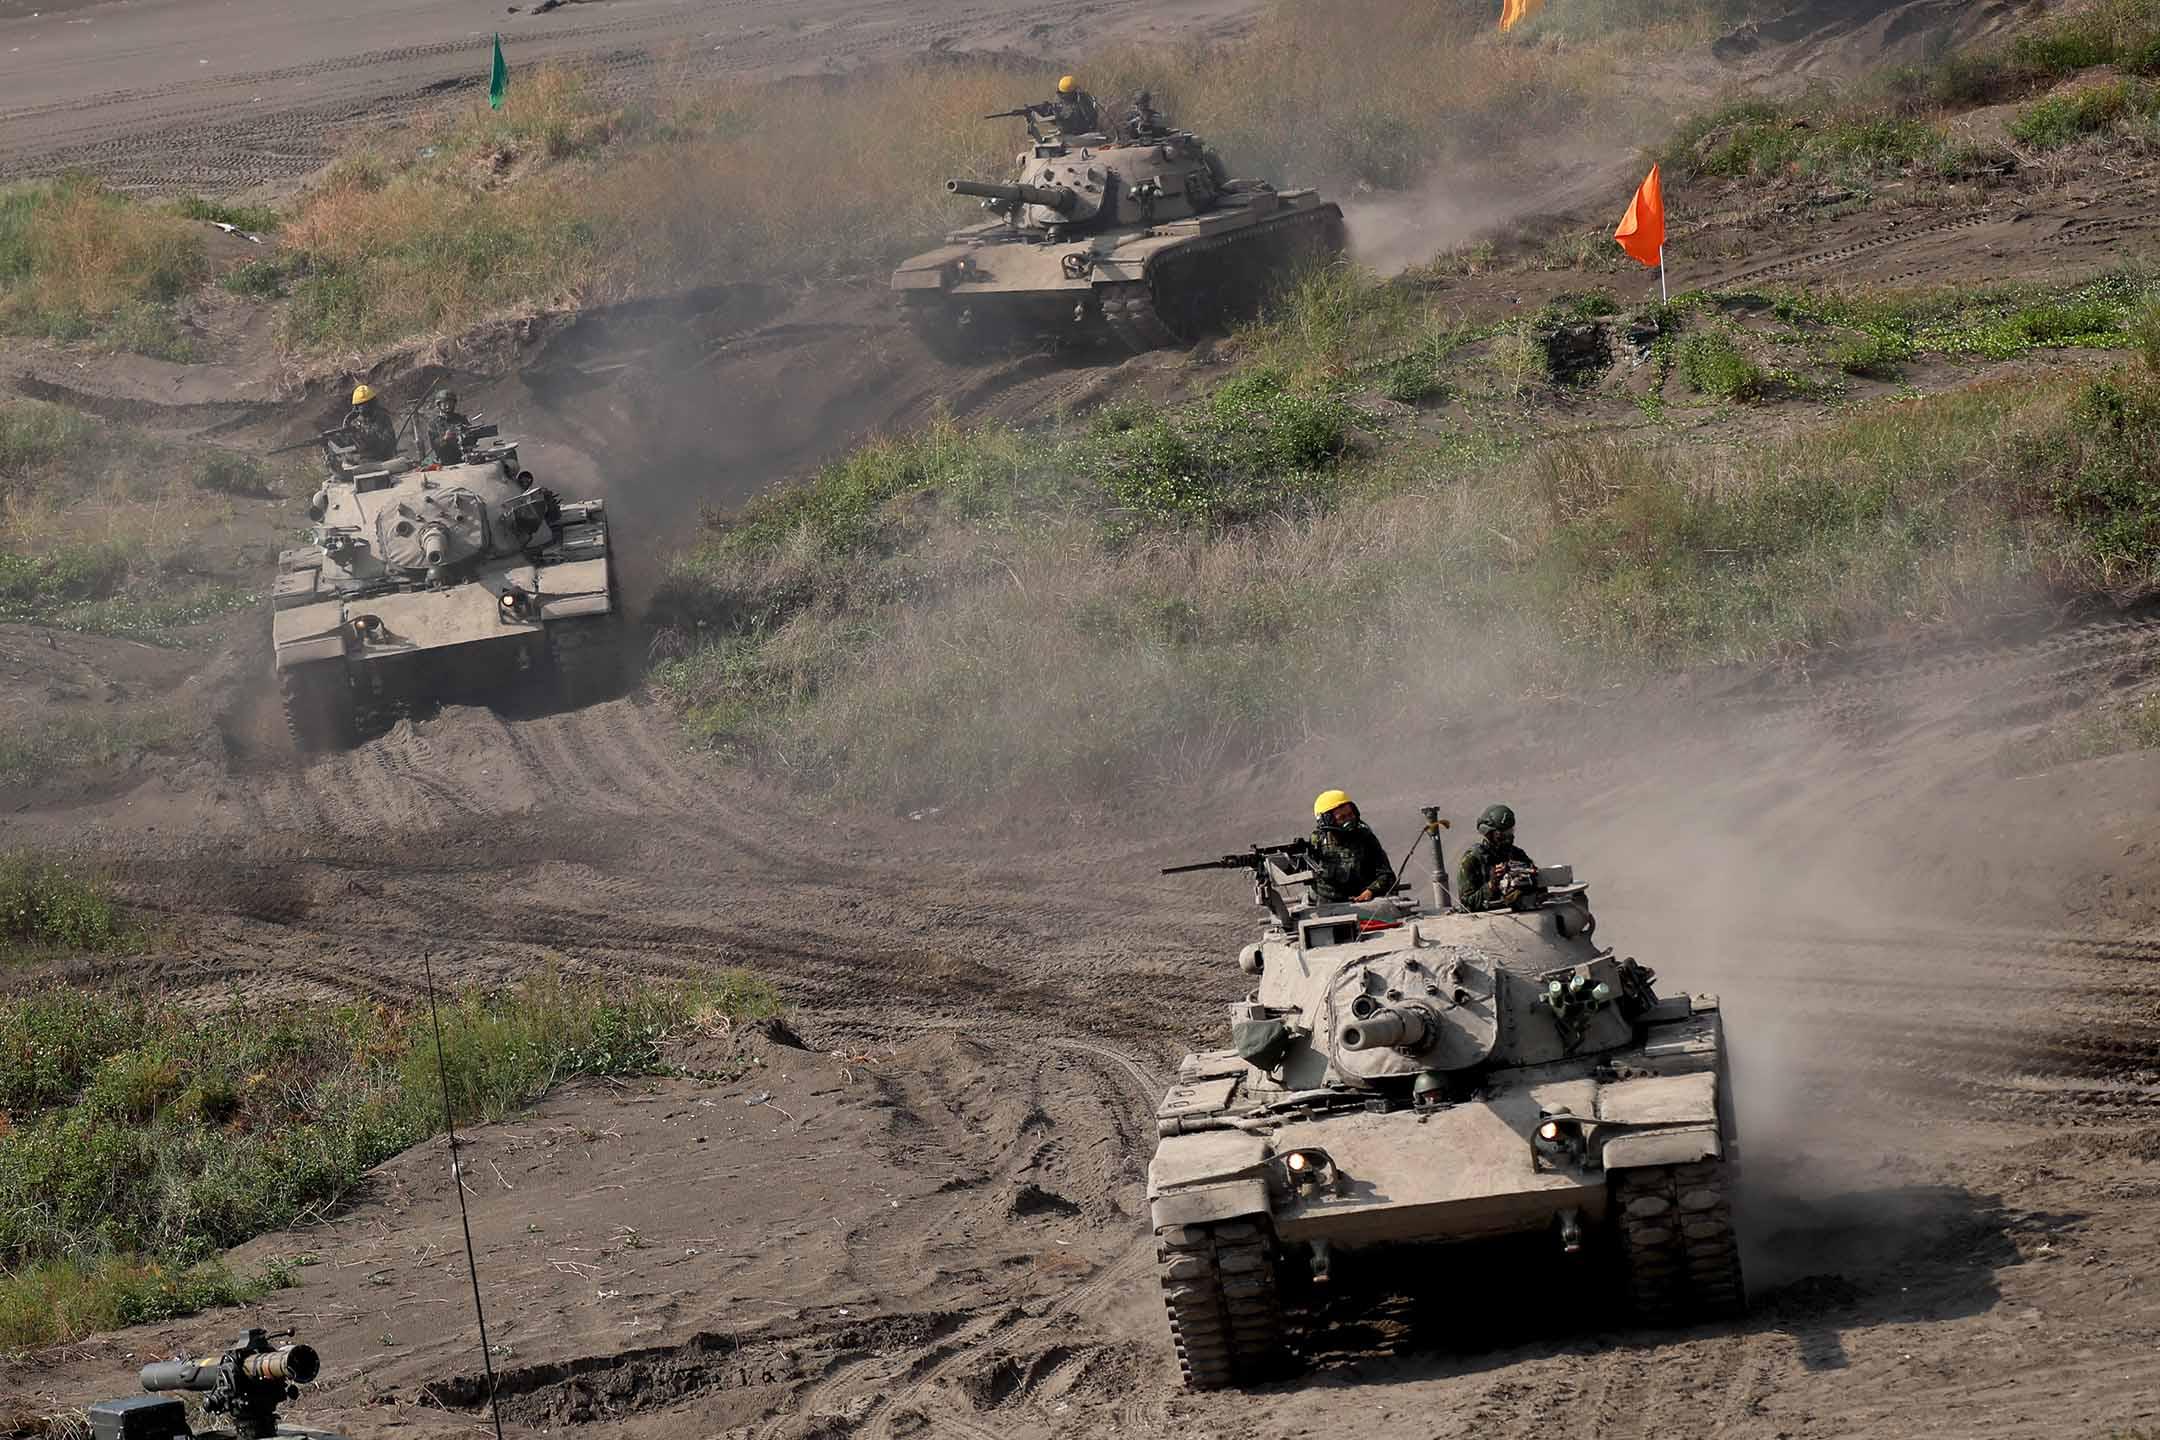 2021年9月16日,台灣新北舉行的第37屆漢光軍演,坦克被部署執行防衞行動。 攝:Ceng Shou Yi/NurPhoto via Getty Images